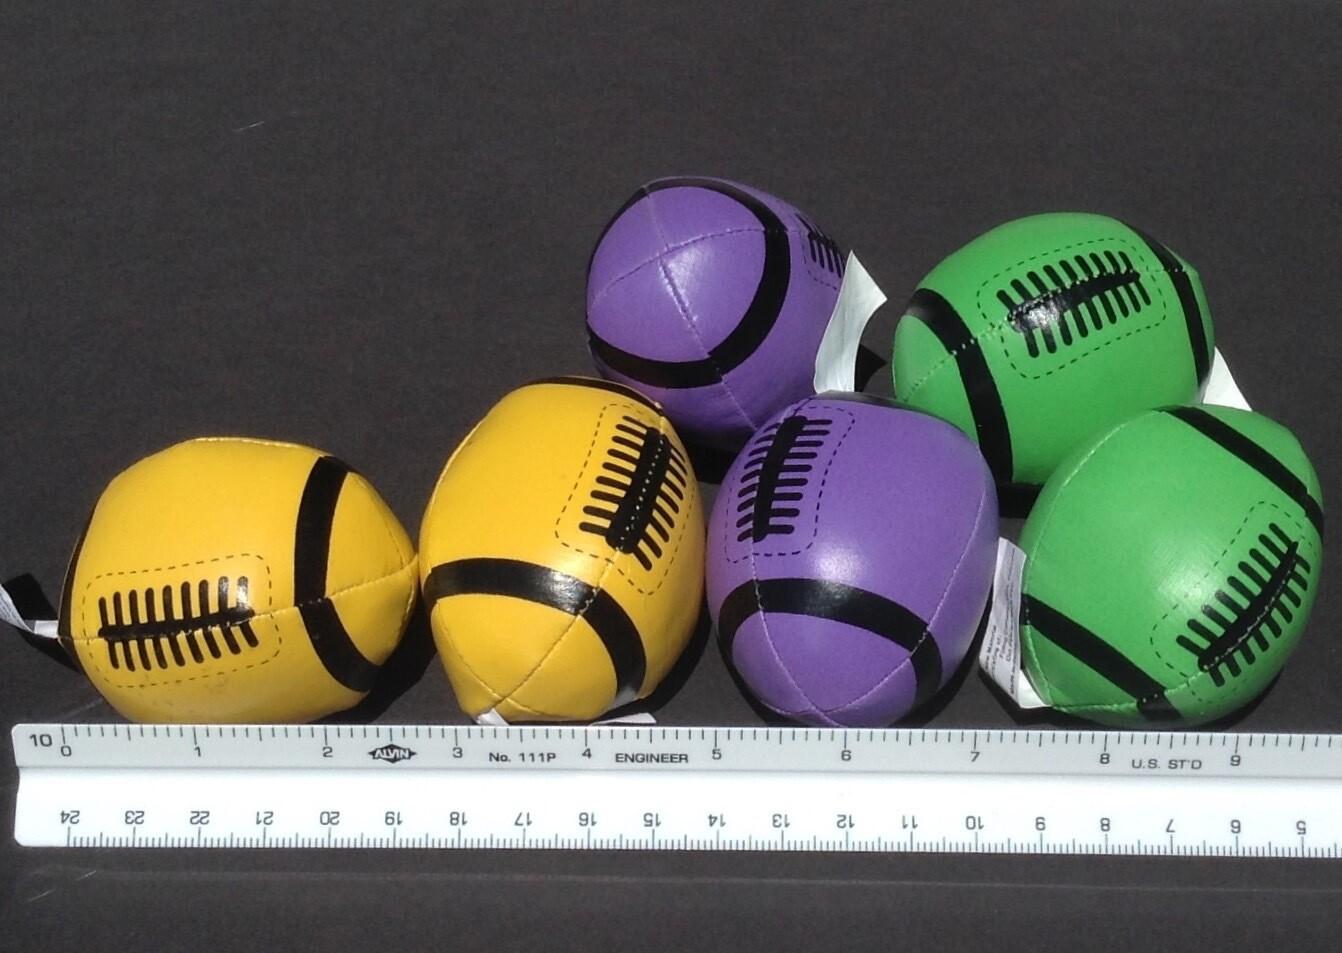 Soft, Mini Footballs (6 per order) Mixed Bunch